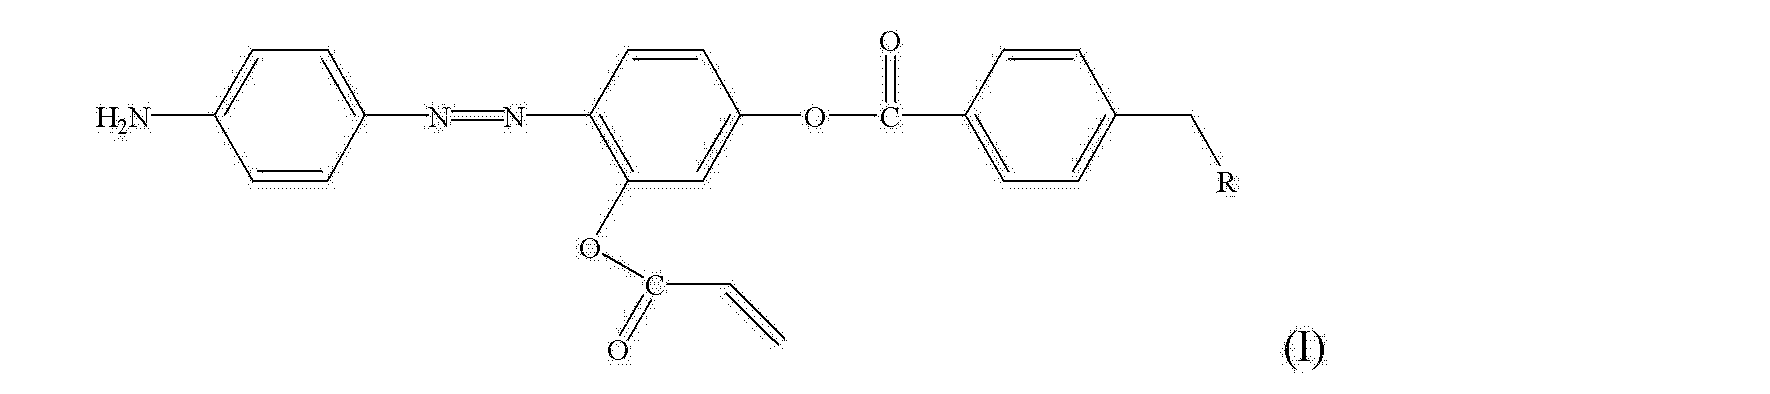 Figure CN103013532AC00021